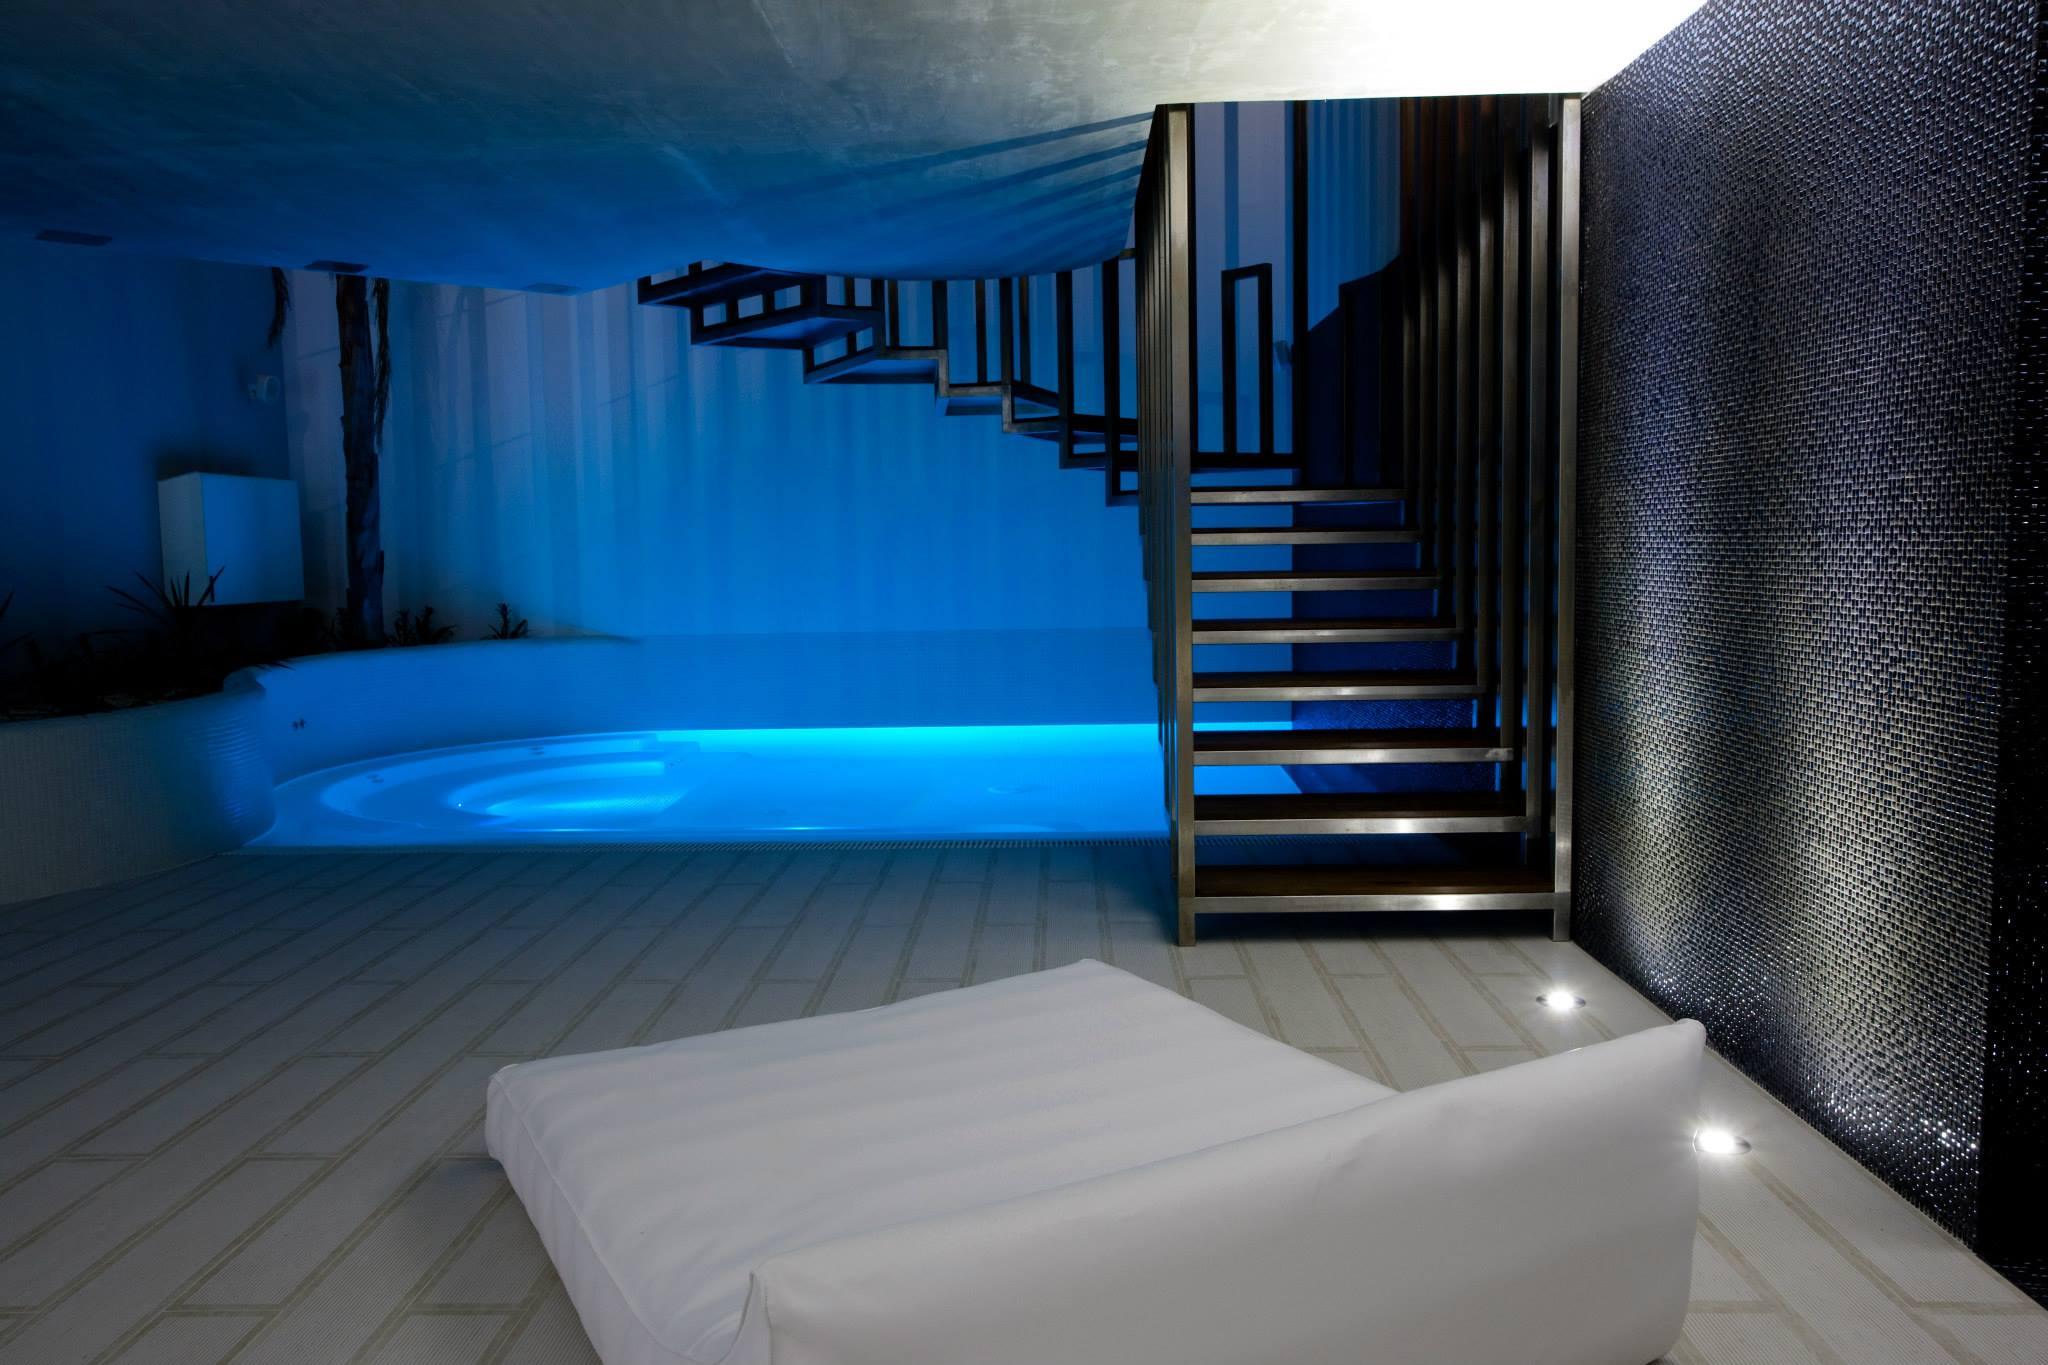 fotos de maduras cadeira de duche tântrica